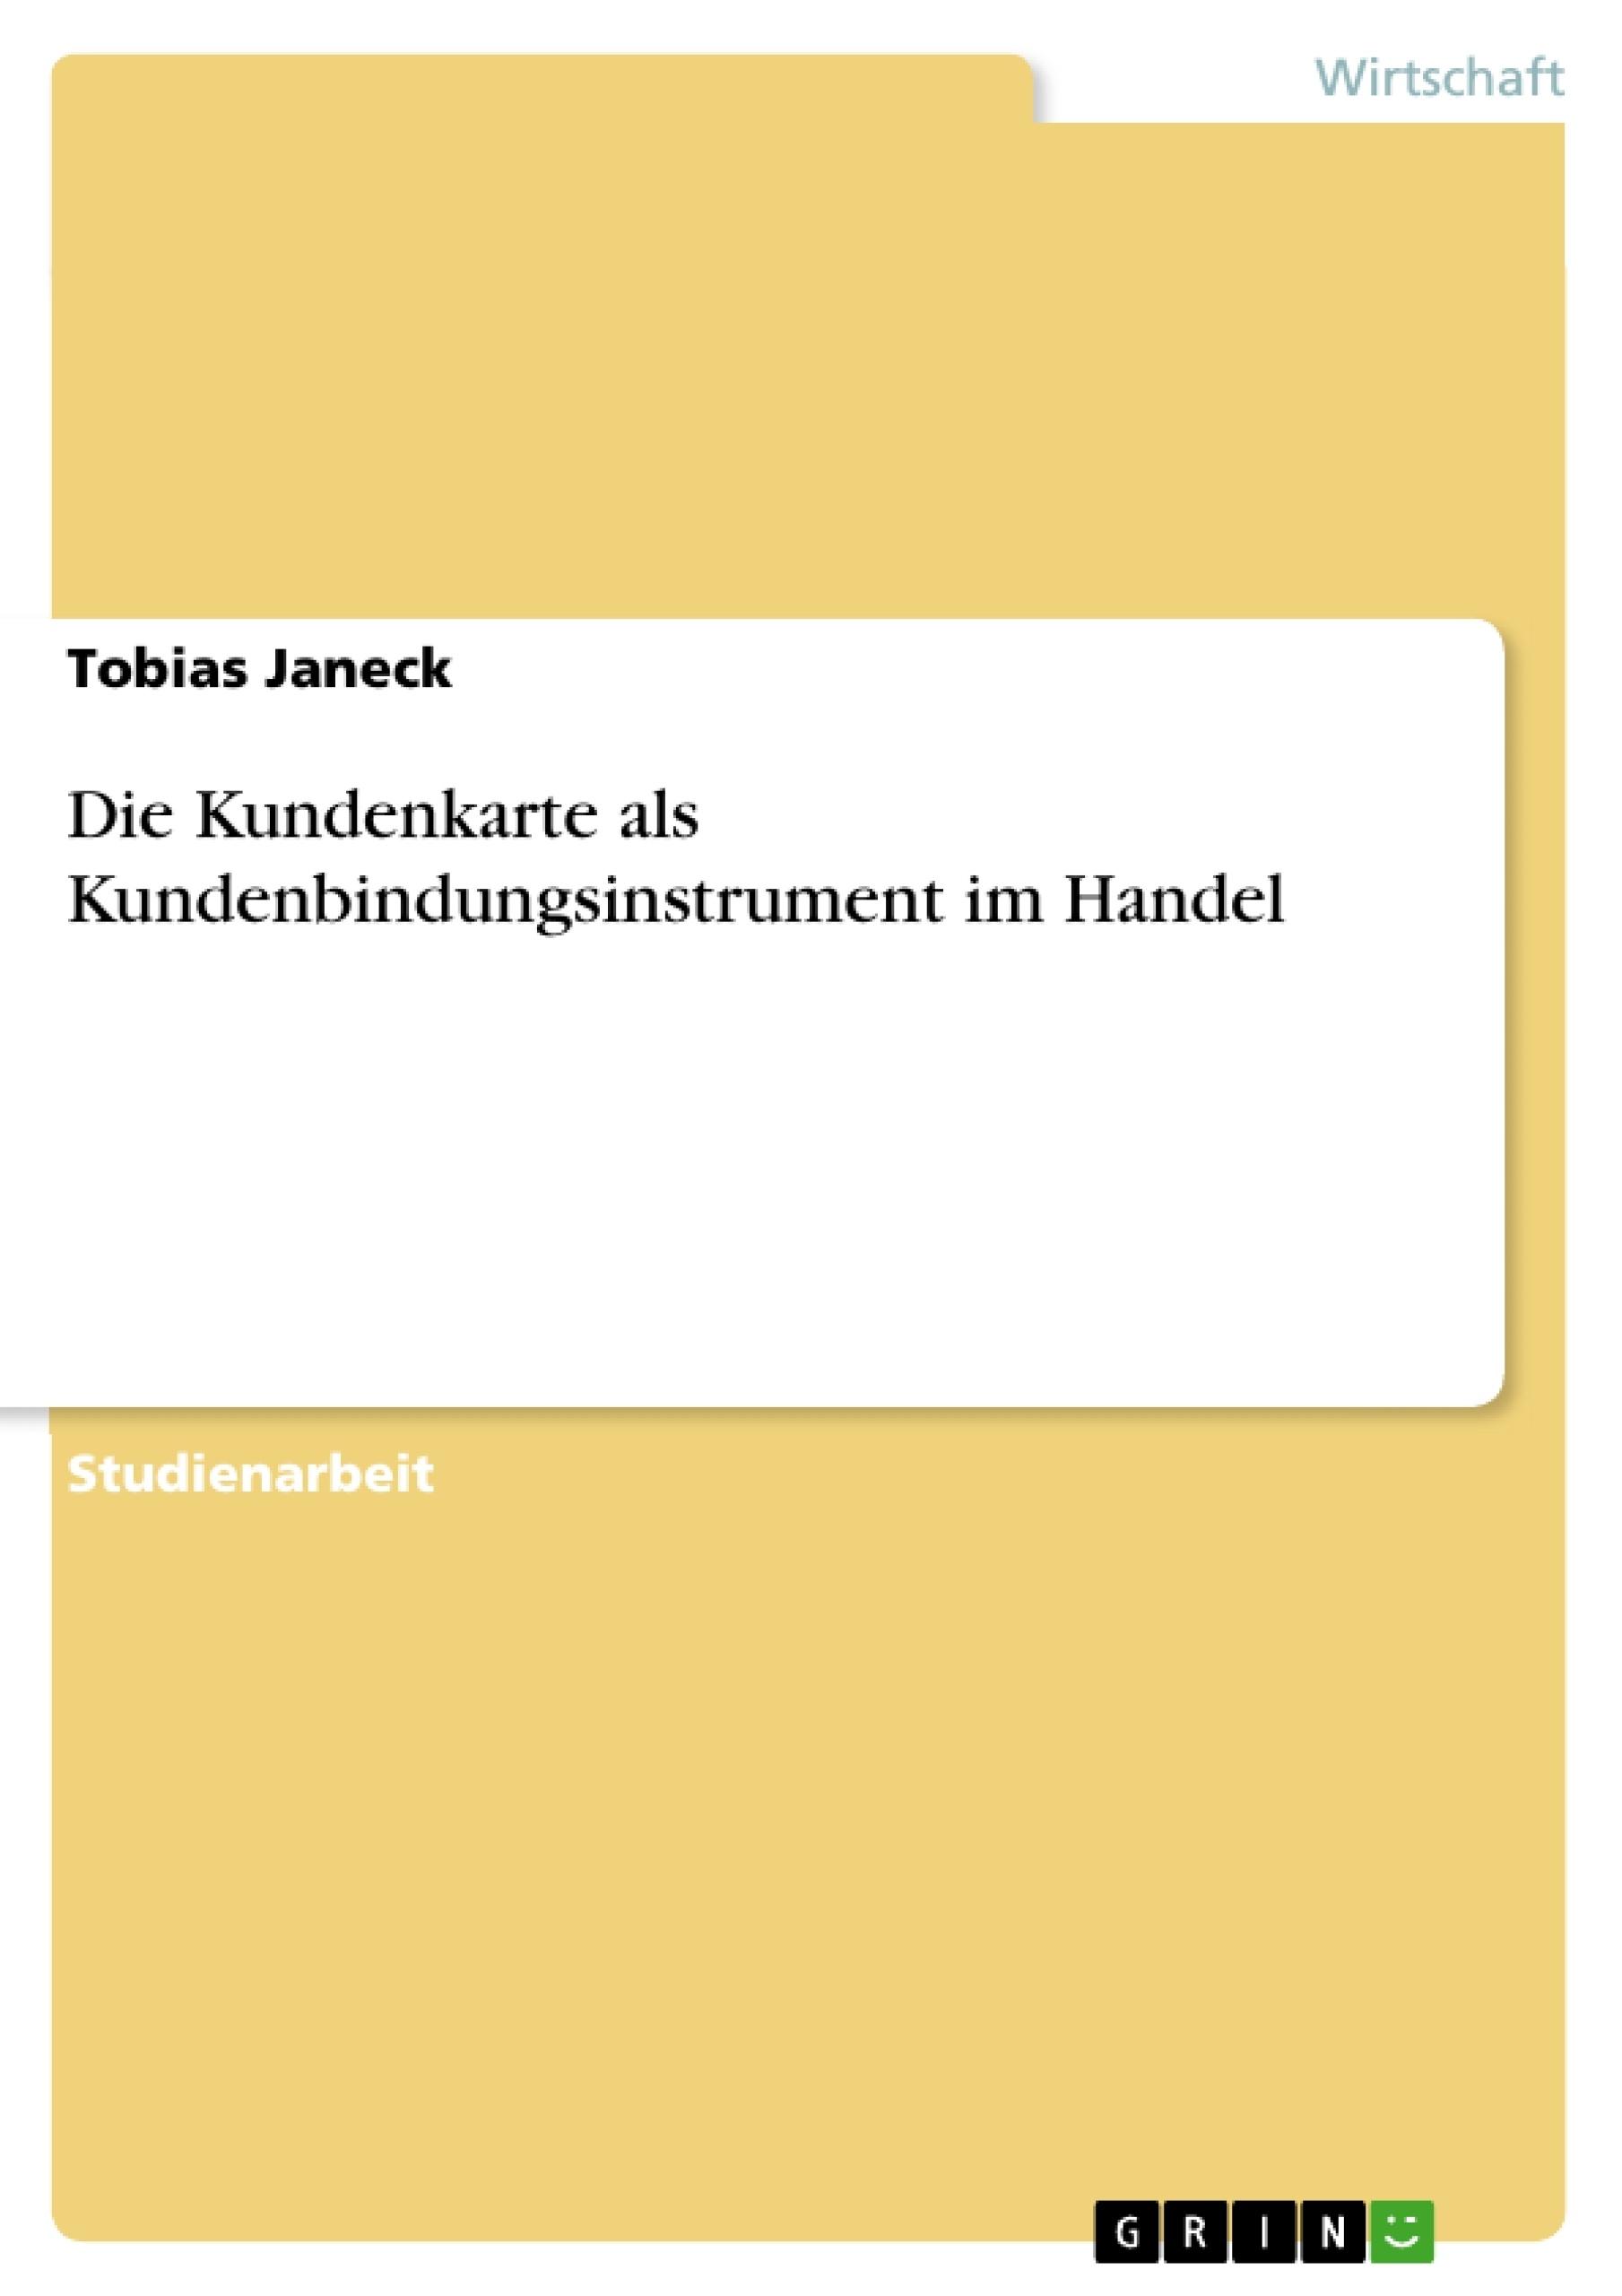 Titel: Die Kundenkarte als Kundenbindungsinstrument im Handel